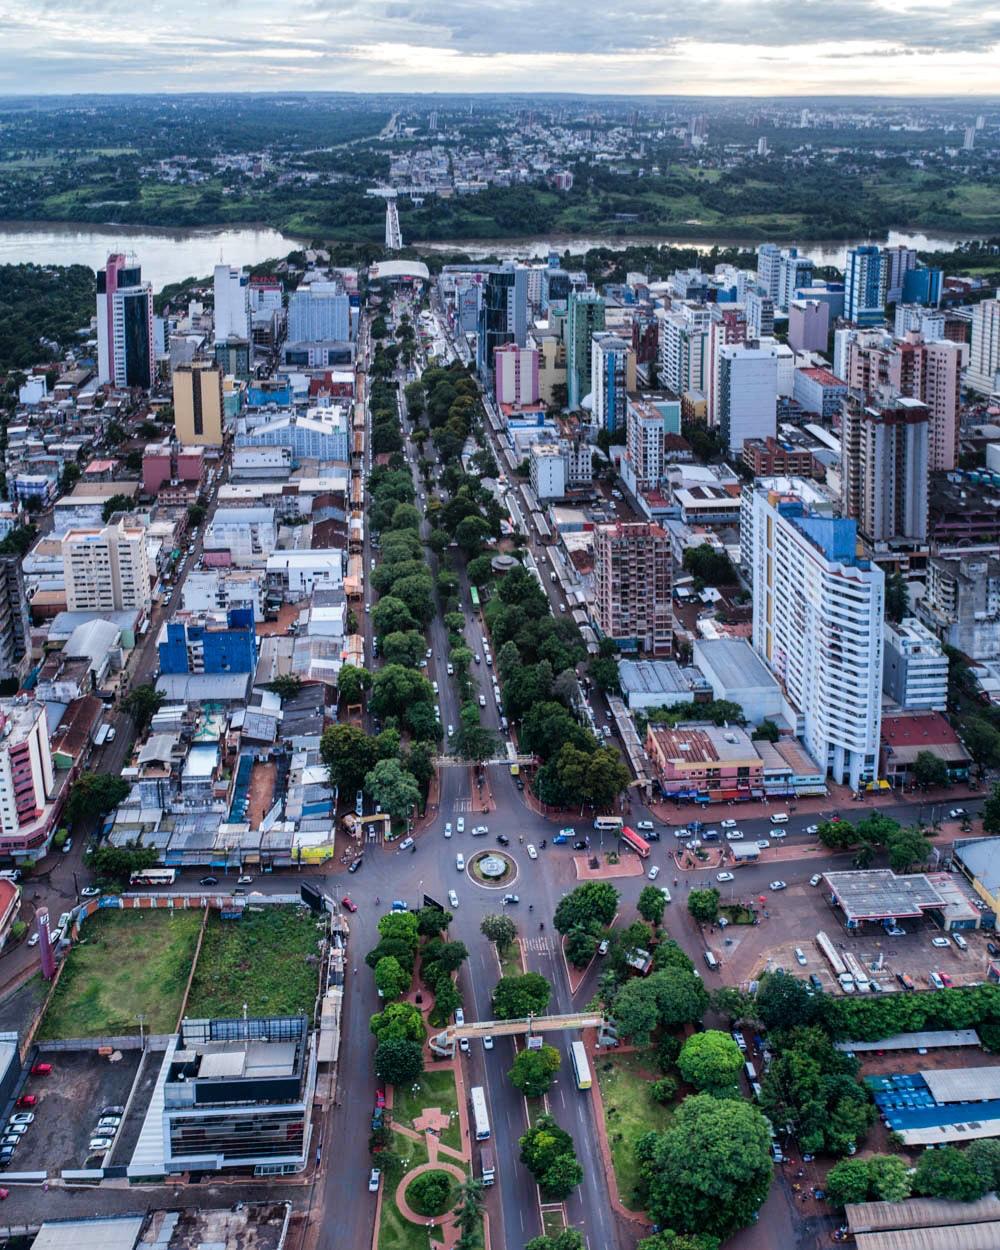 Sector laboral estará habilitado en Alto Paraná con ciertas excepciones